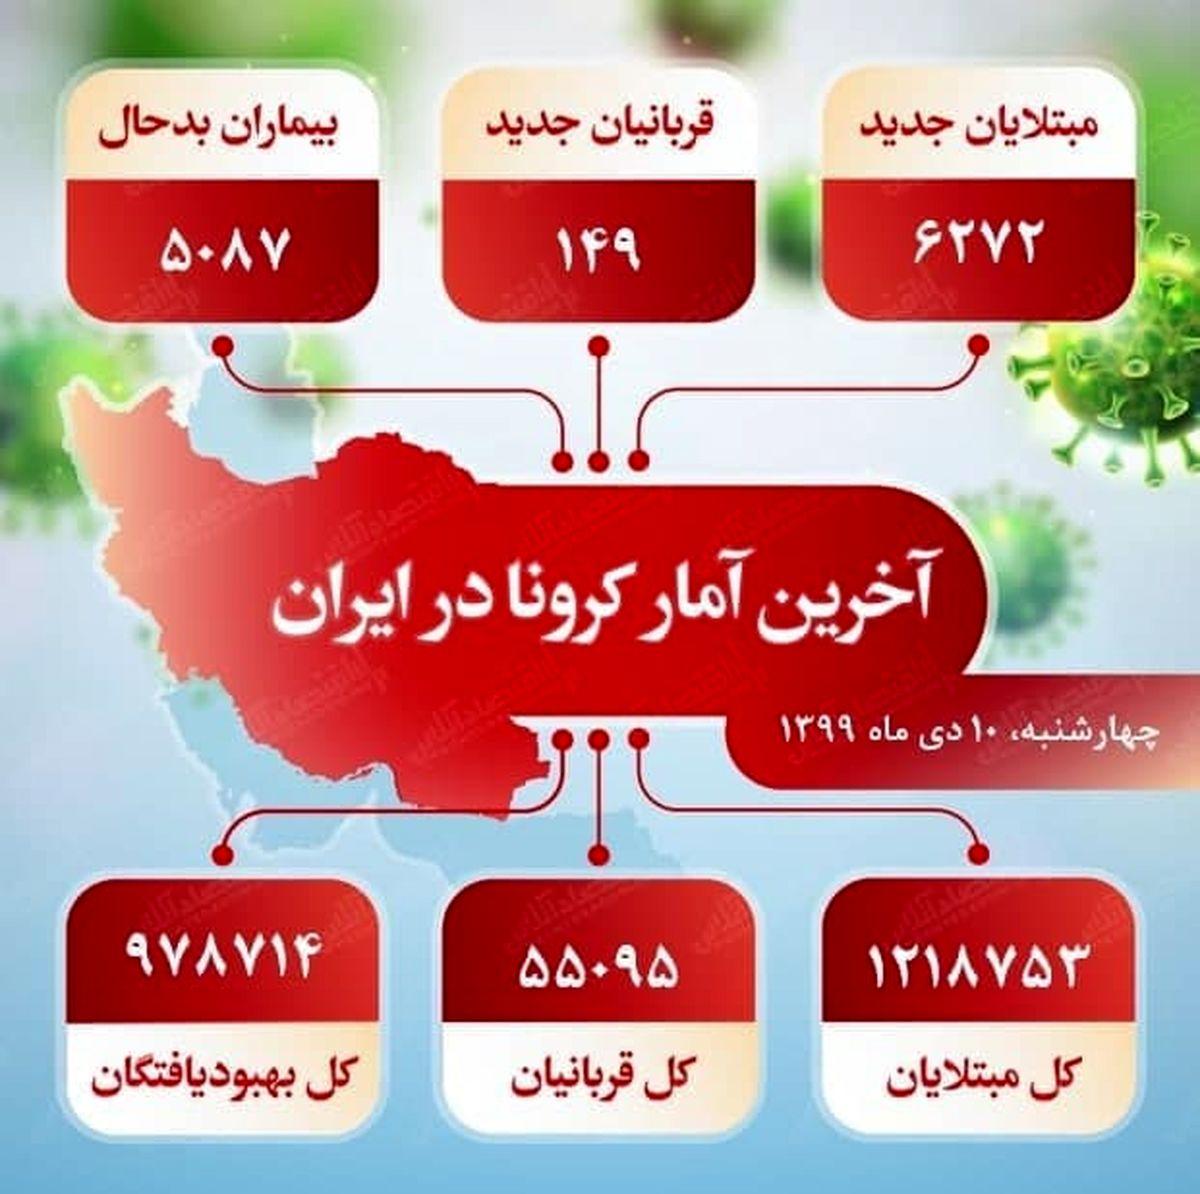 آخرین آمار کرونا در ایران (۹۹/۱۰/۱۰)